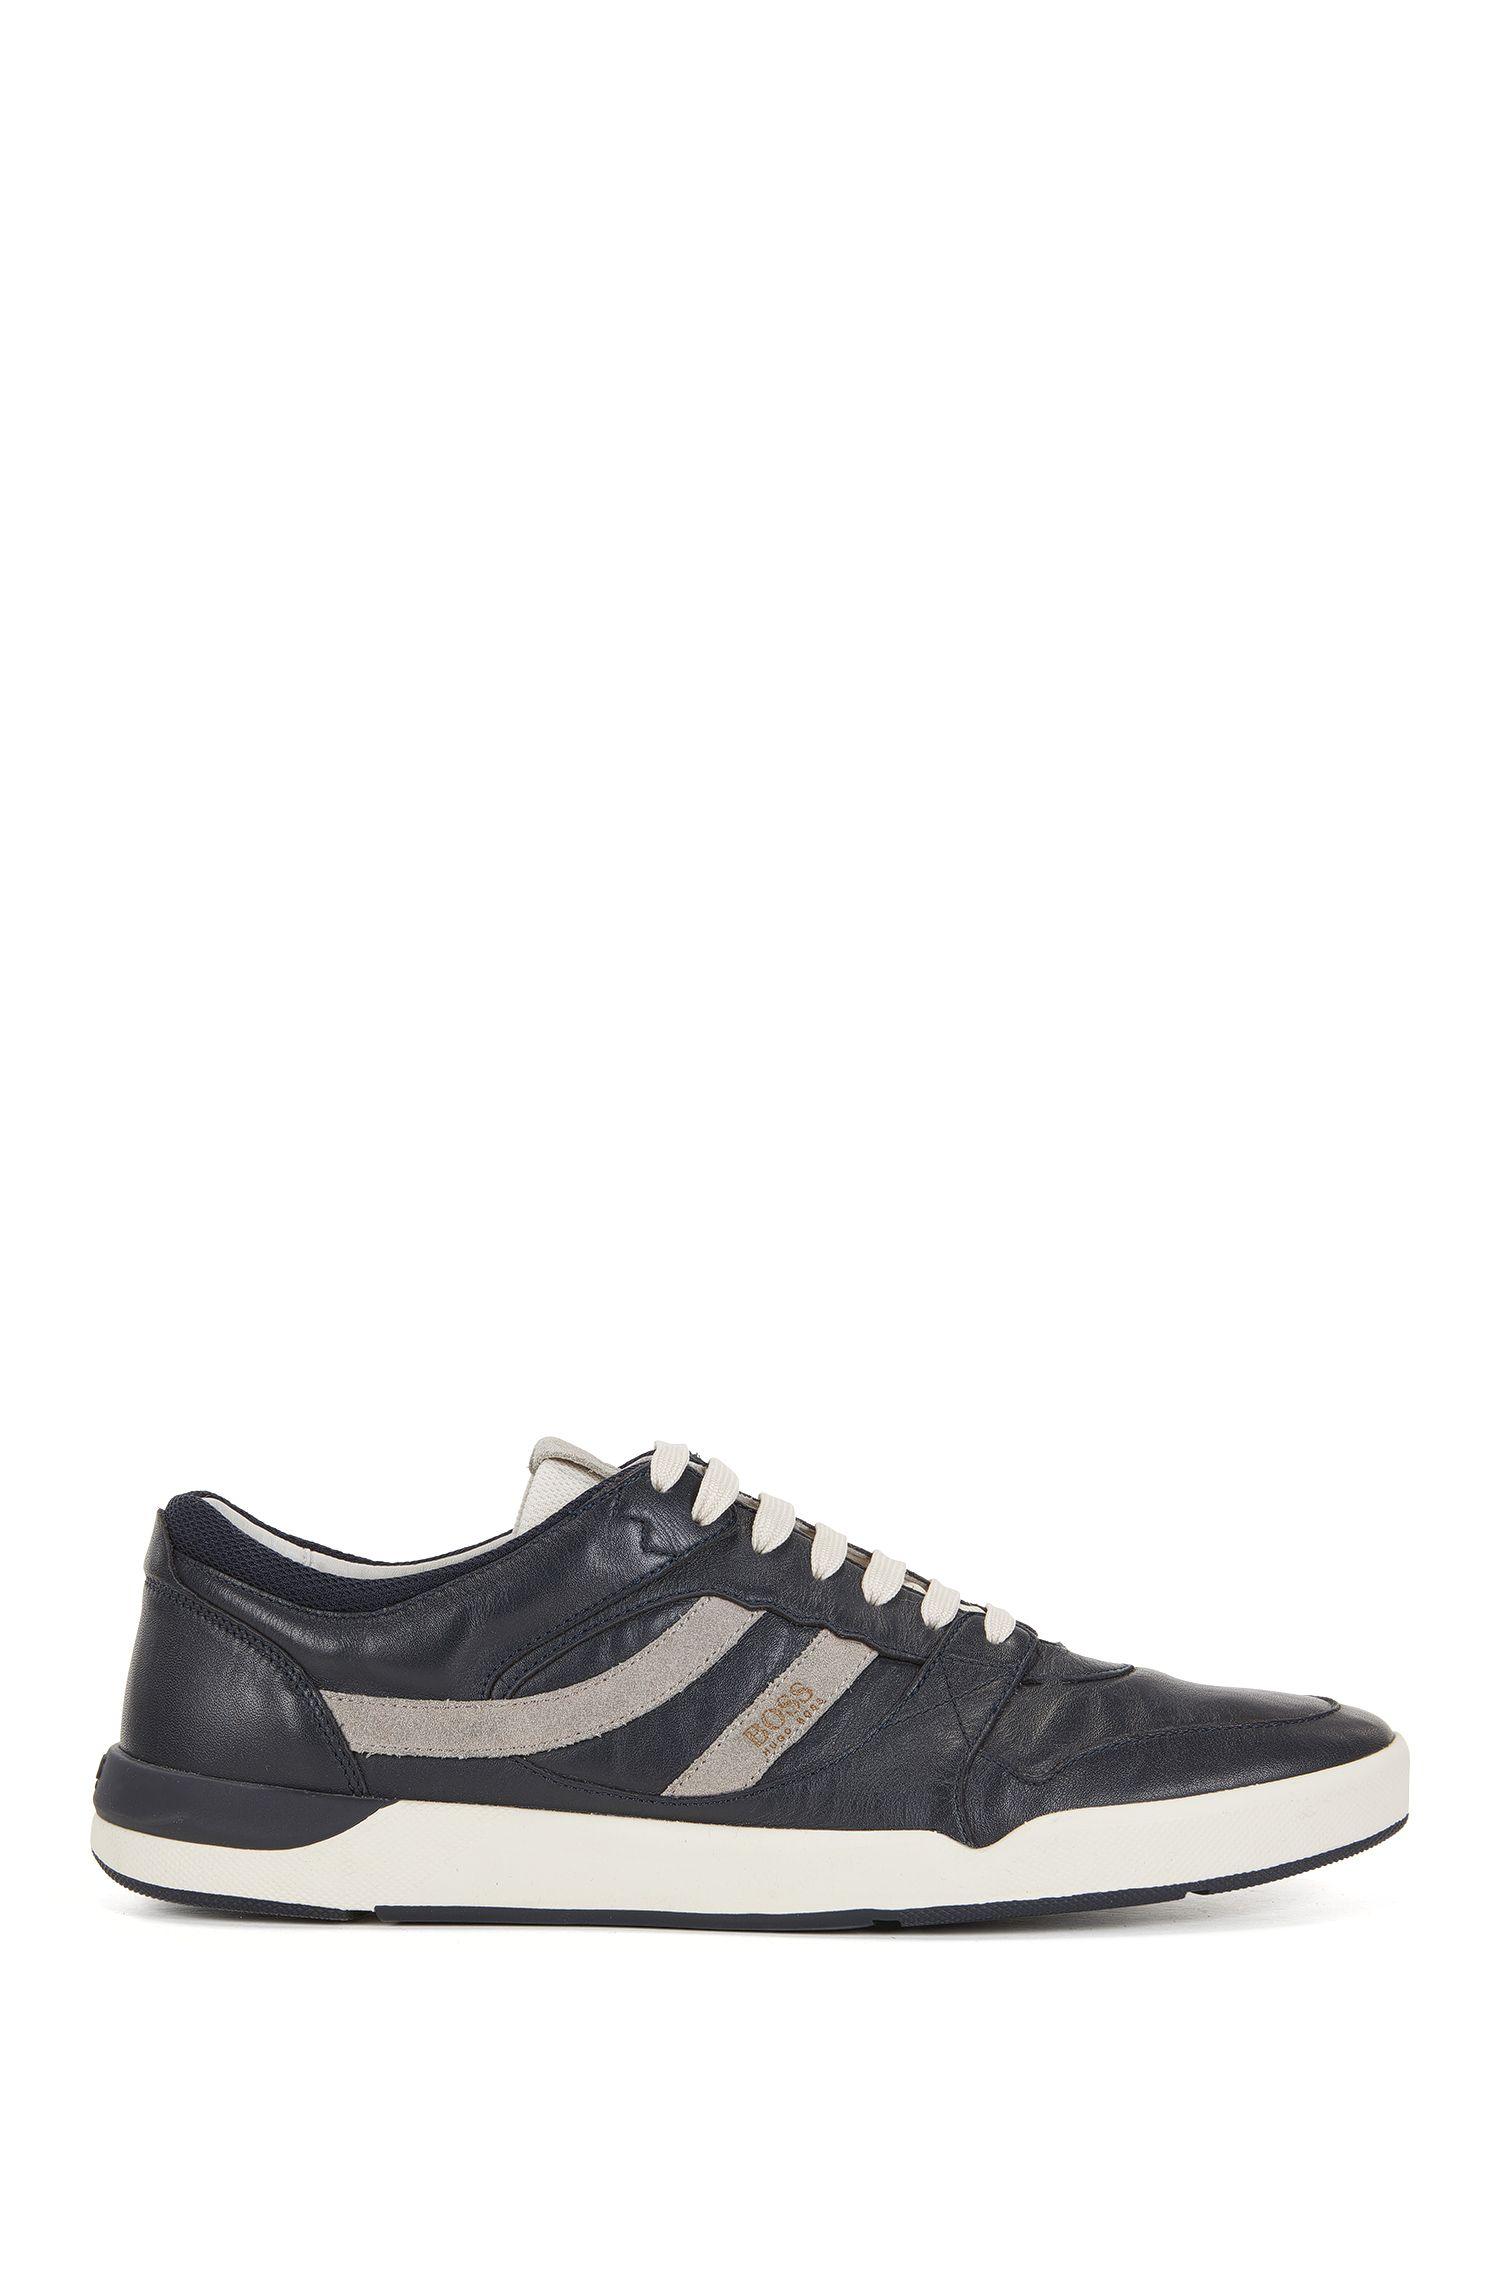 Sneakers aus gewaschenem Leder